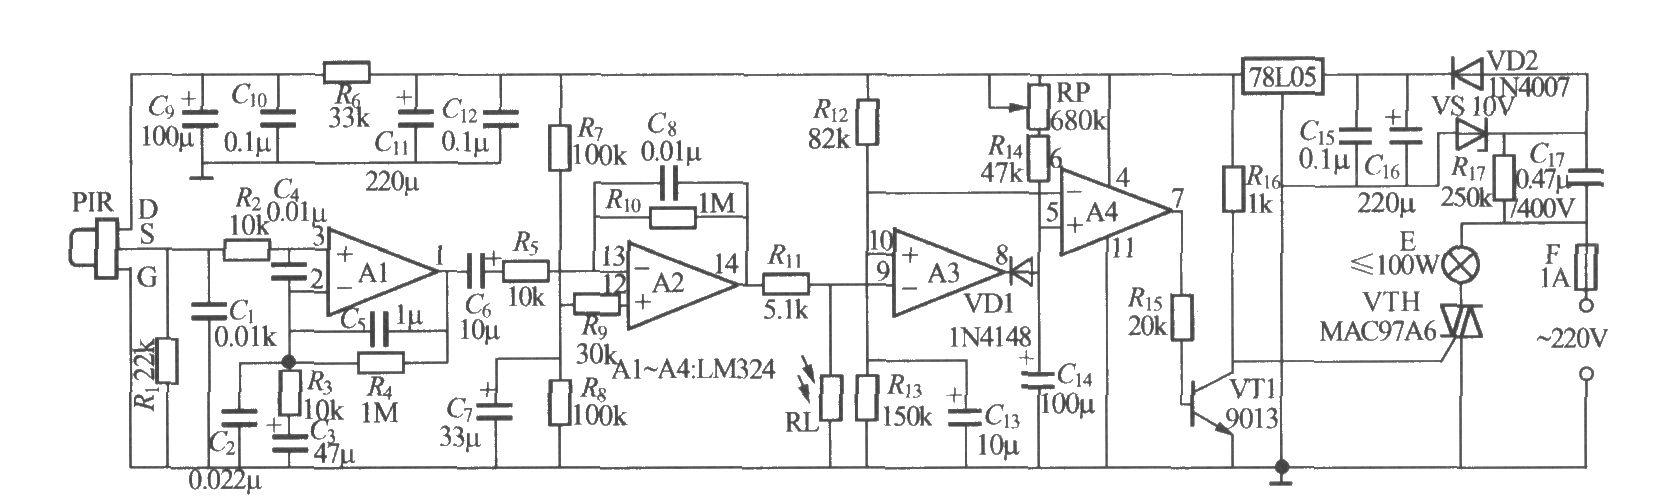 如图所示是一个热释电红外感应自动灯,可用于楼梯走道、卫生间等场合。能做到人来灯亮,人走灯灭,并且在白天能自动封锁,灯不会点亮。PIR可采用P228型等热释电红外传感器,为提高其灵敏度,最好为其加装菲涅耳透镜,透镜的焦点应位于传感器的感应窗口。RP为电路延迟时间调节电位器,也可换用普通固定电阻器。